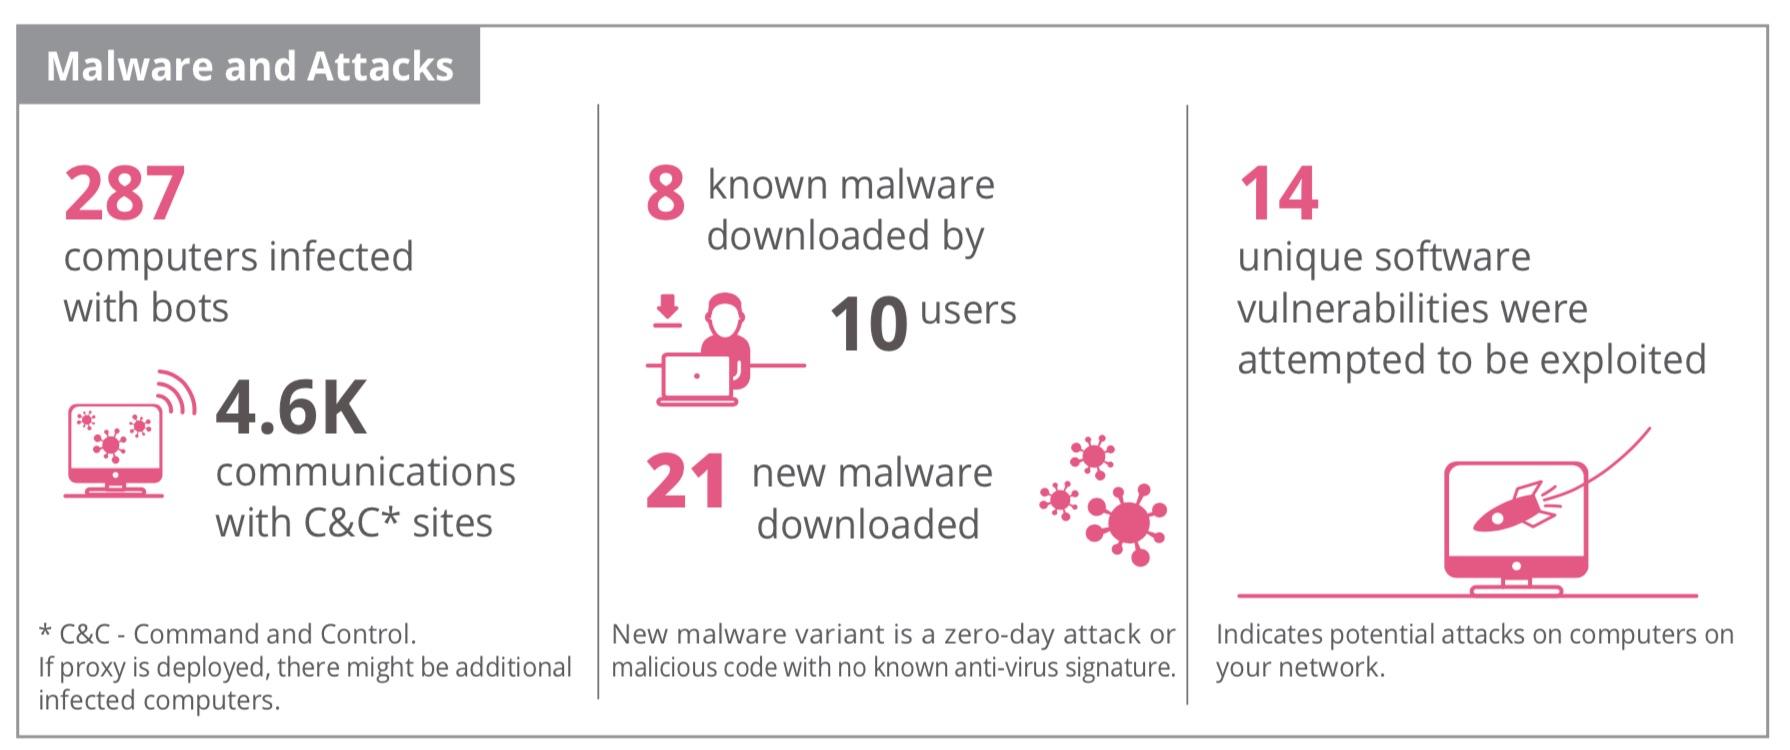 malware-and-attacks.jpg